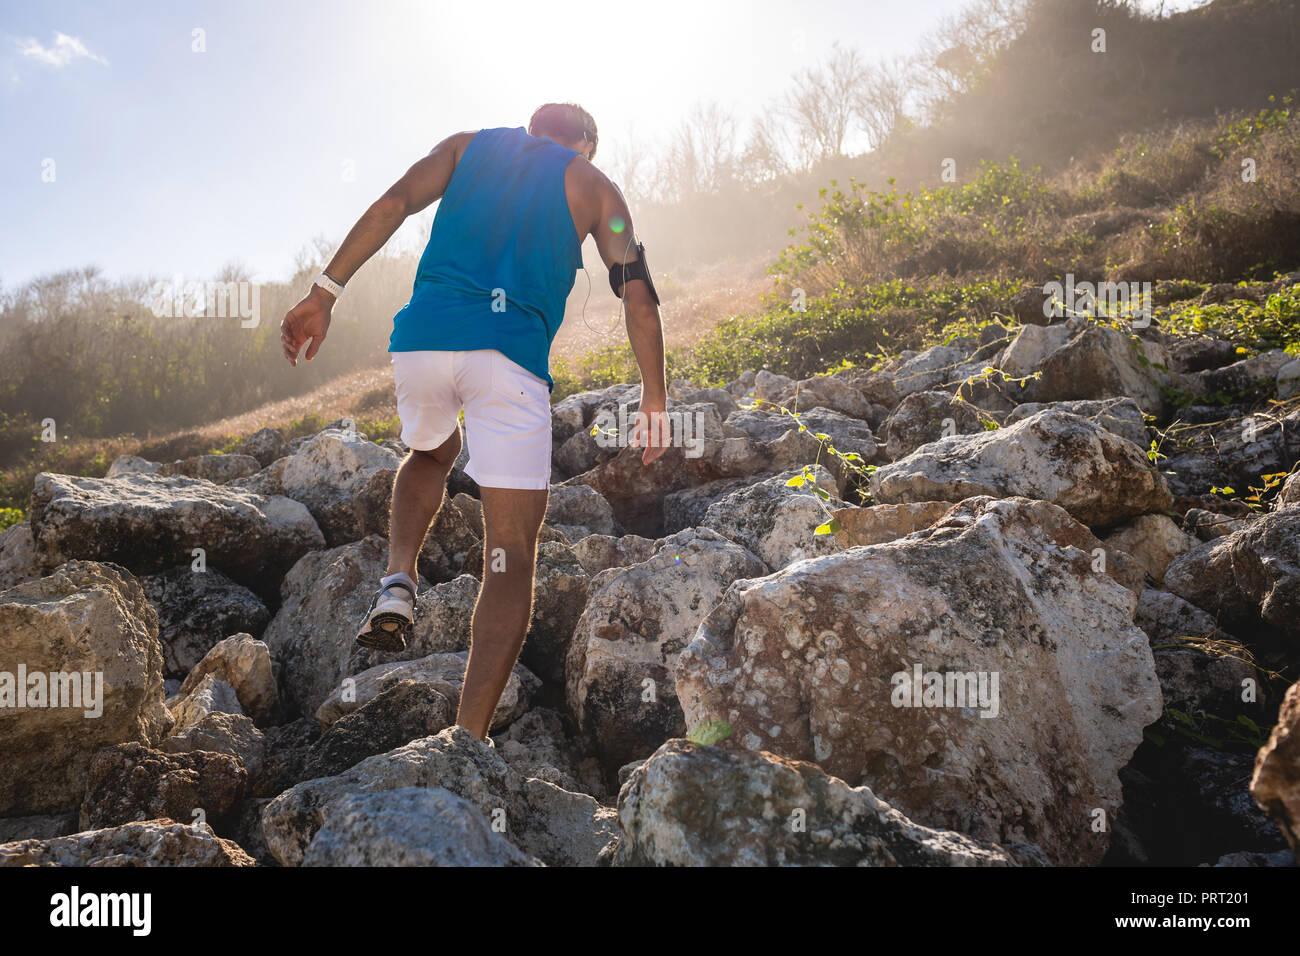 Vue arrière de l'athletic man climbing on rocks sur montagne avec lumière arrière Photo Stock